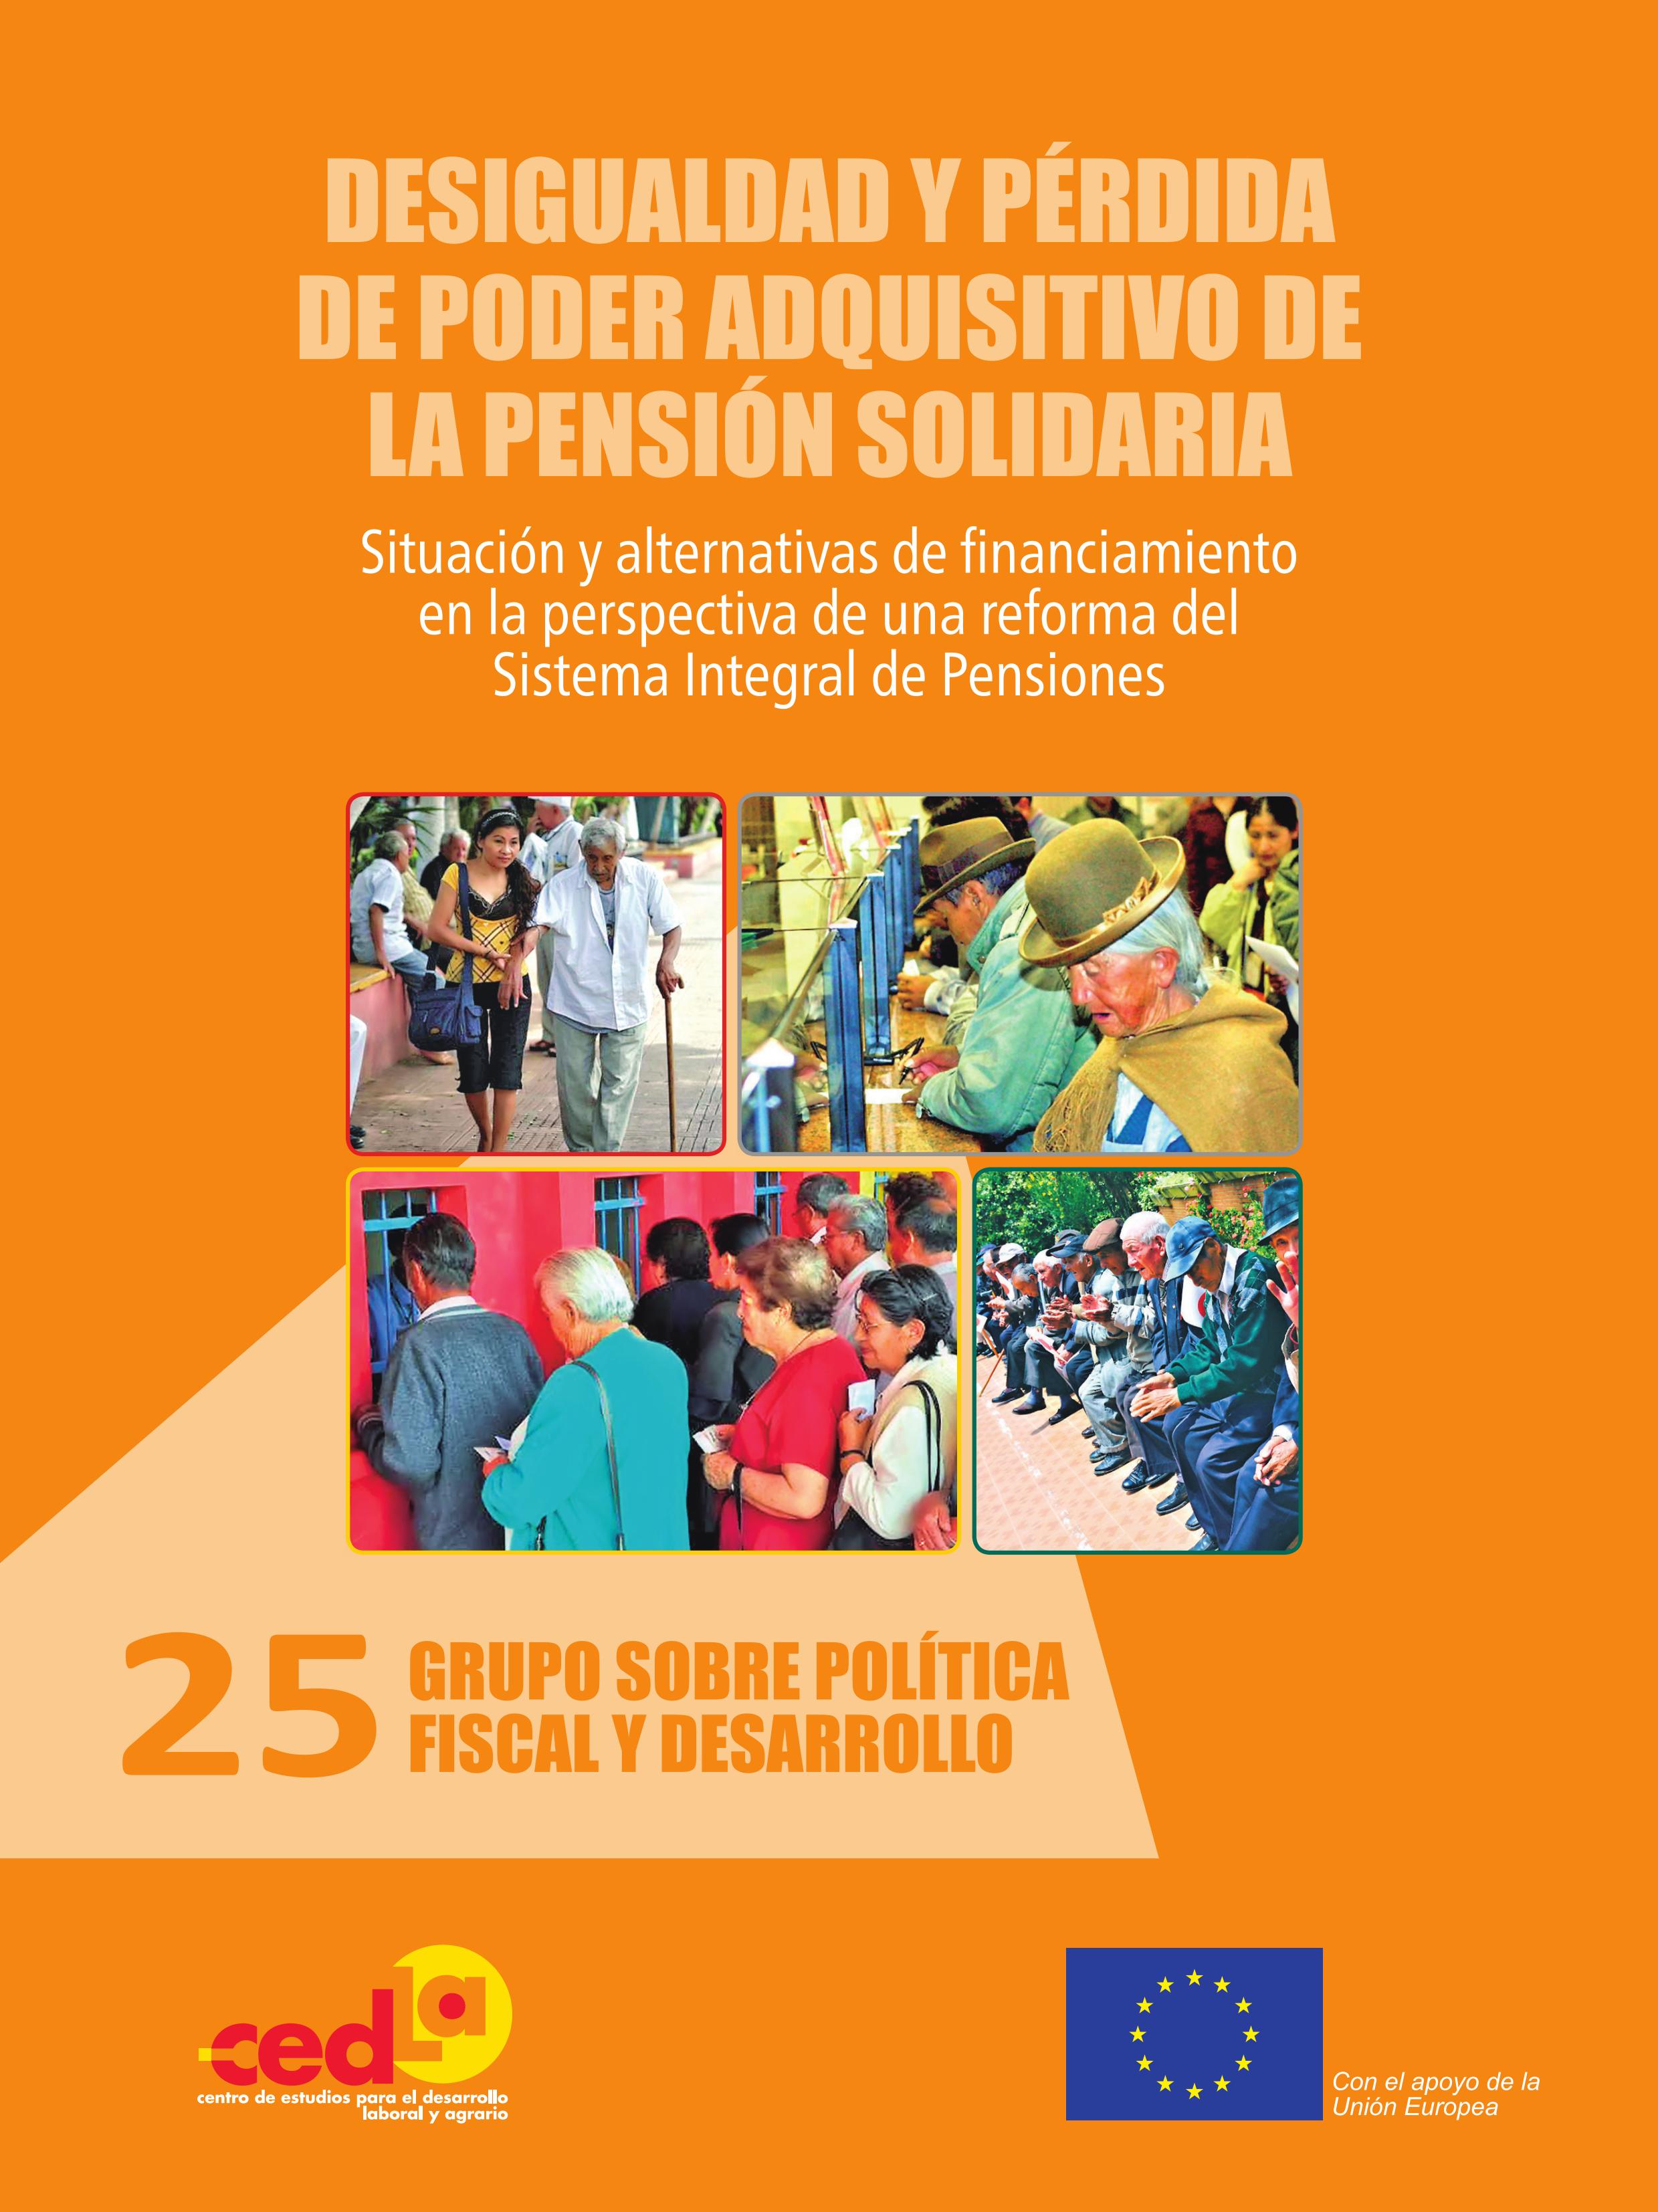 revista_gspf_25_desigualdad_y_perdida_de_poder_adquisitivo_de_la_pension_solidaria_001.png